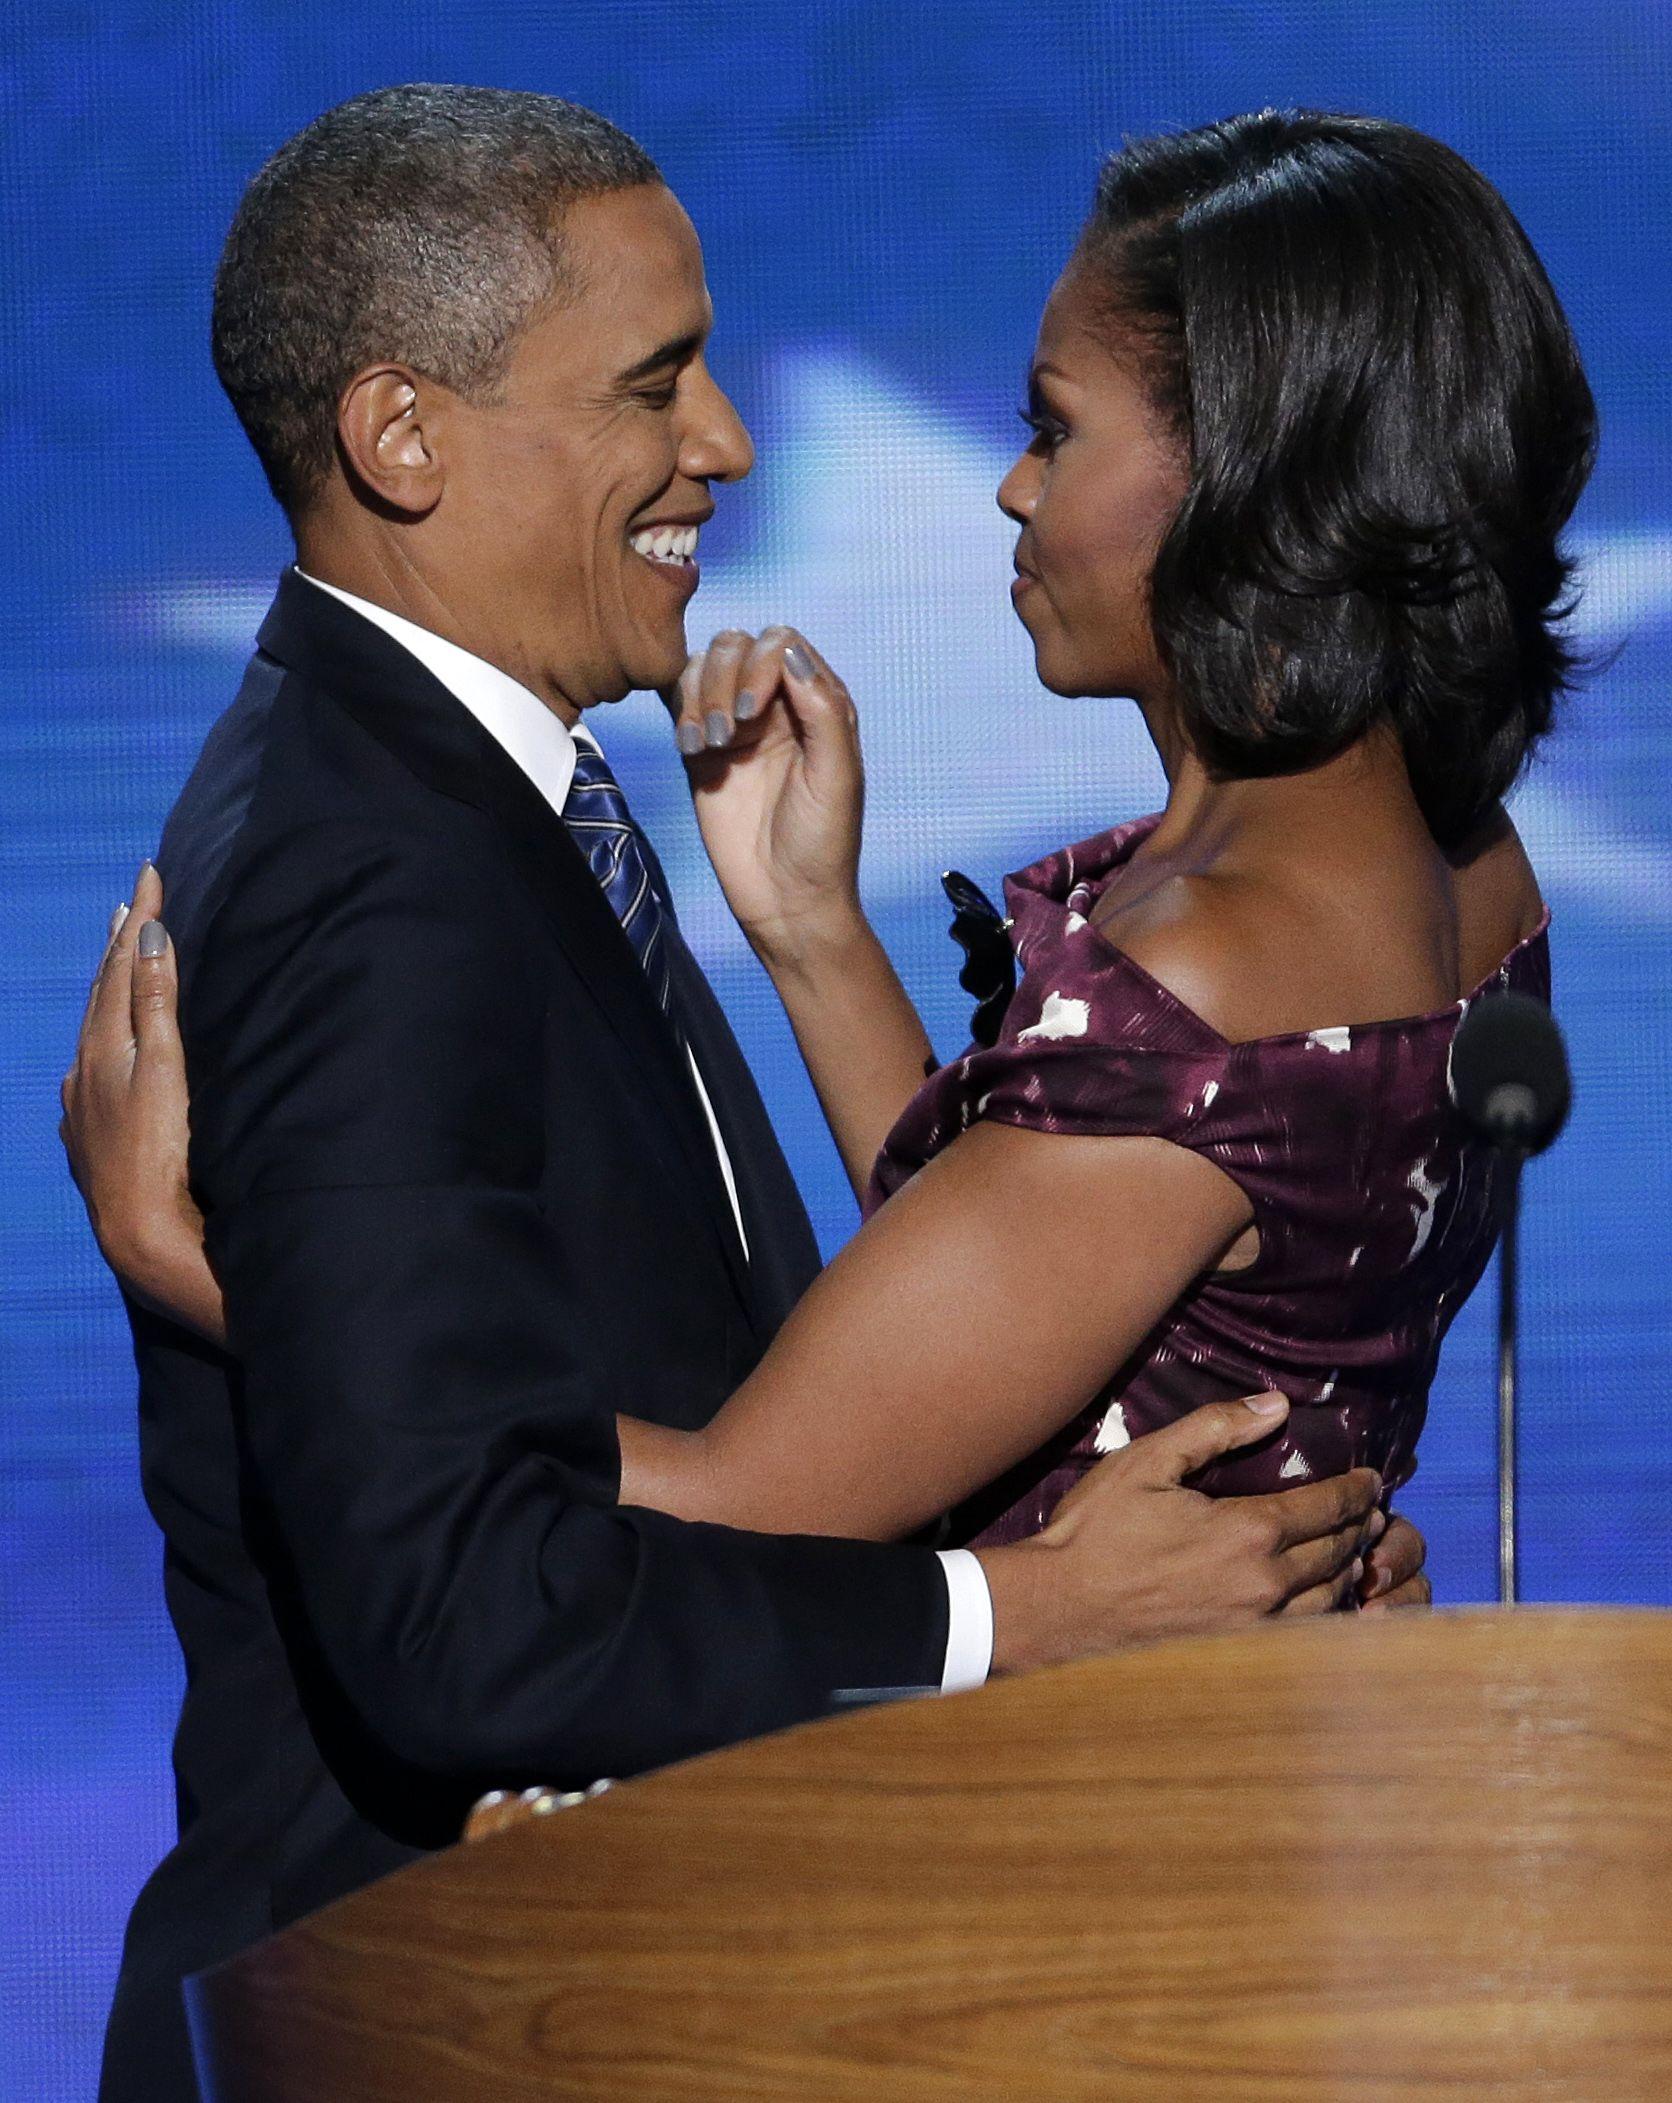 Il presidente Barack Obama di tutti i tempi ha profetizzato il suo amore per la First Lady